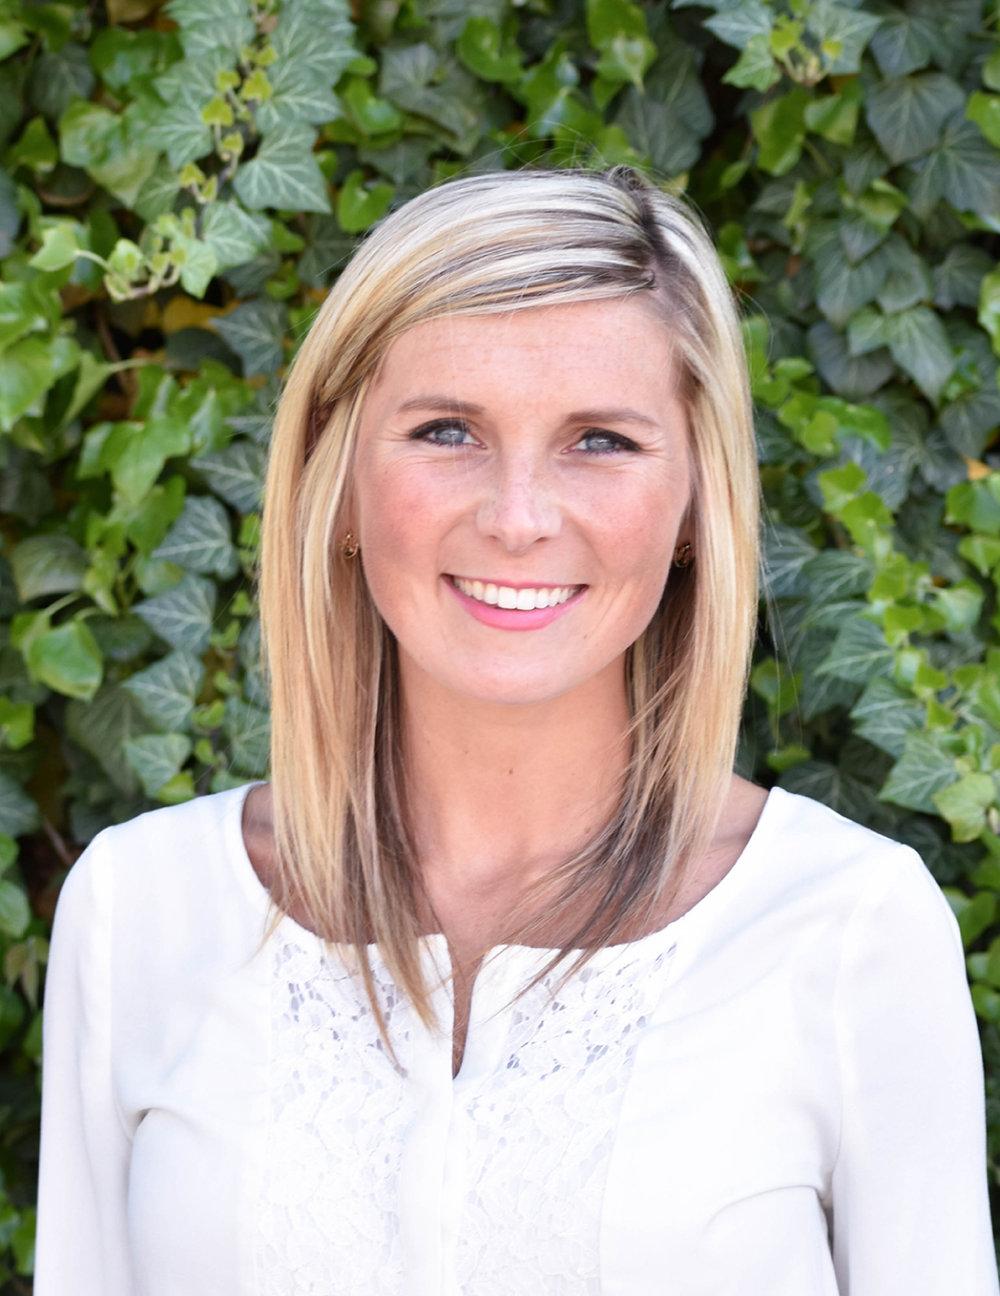 Michelle-Mishler-Marketing-Strategist-Co-Founder-2.jpg